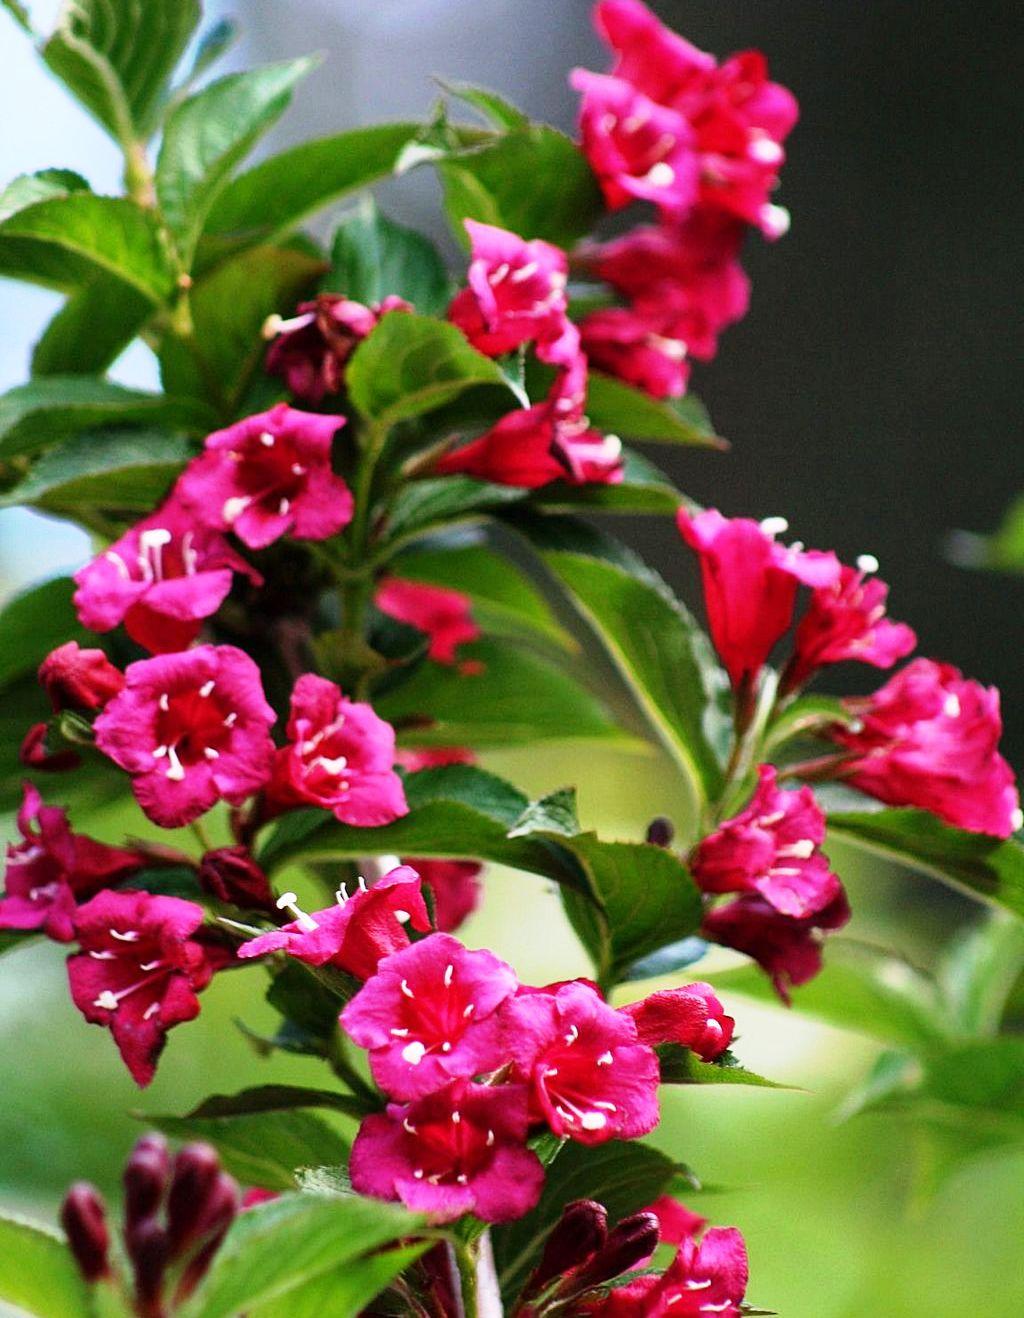 Piros virágú rózsalonc